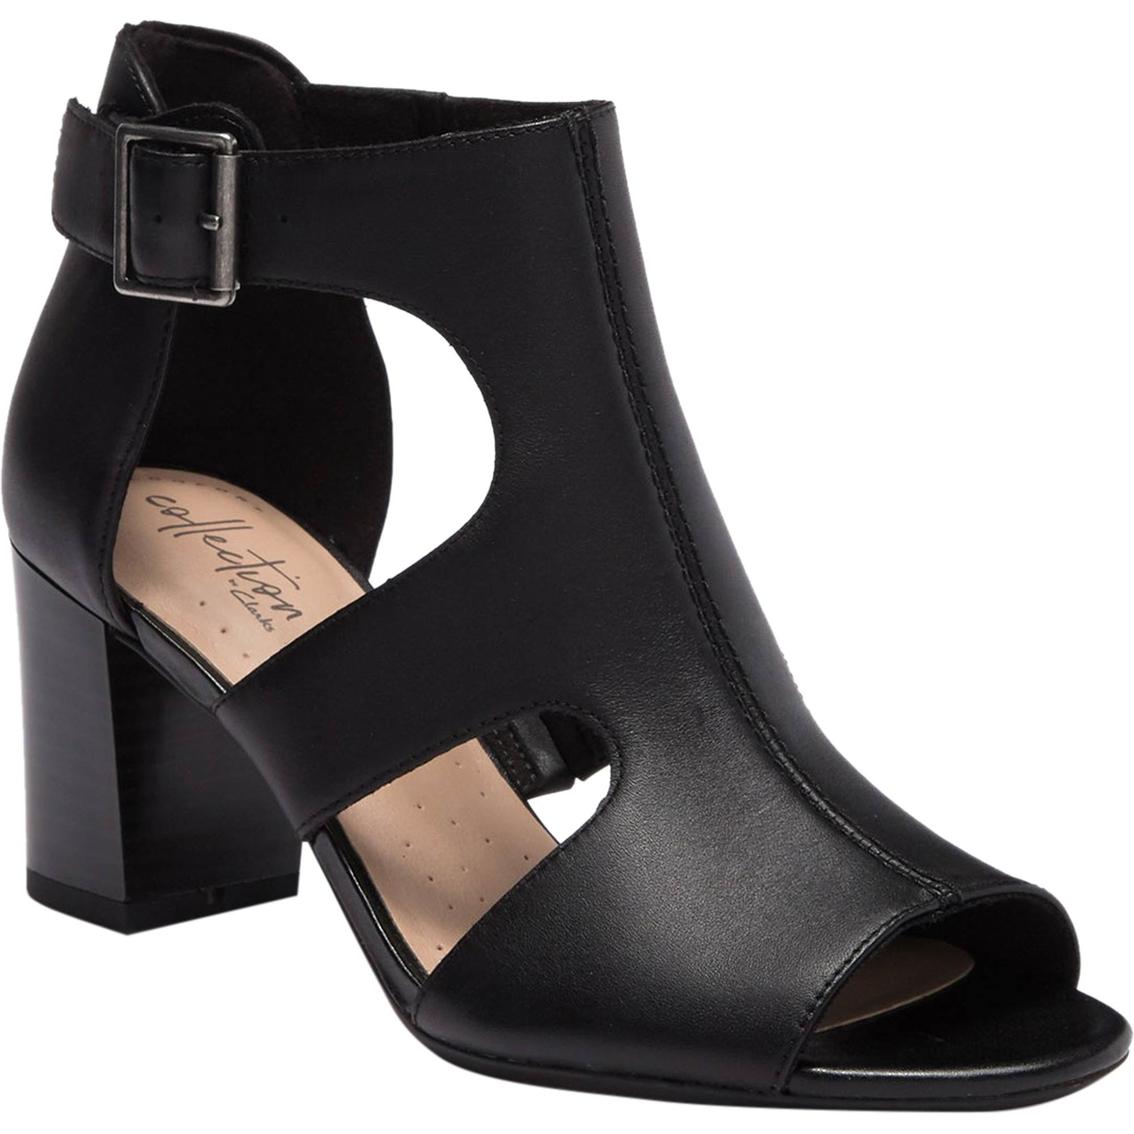 66a94fd0ff1 Clarks Women's Deva Heidi Ankle Strap Block Heel Sandals | Deal Of ...